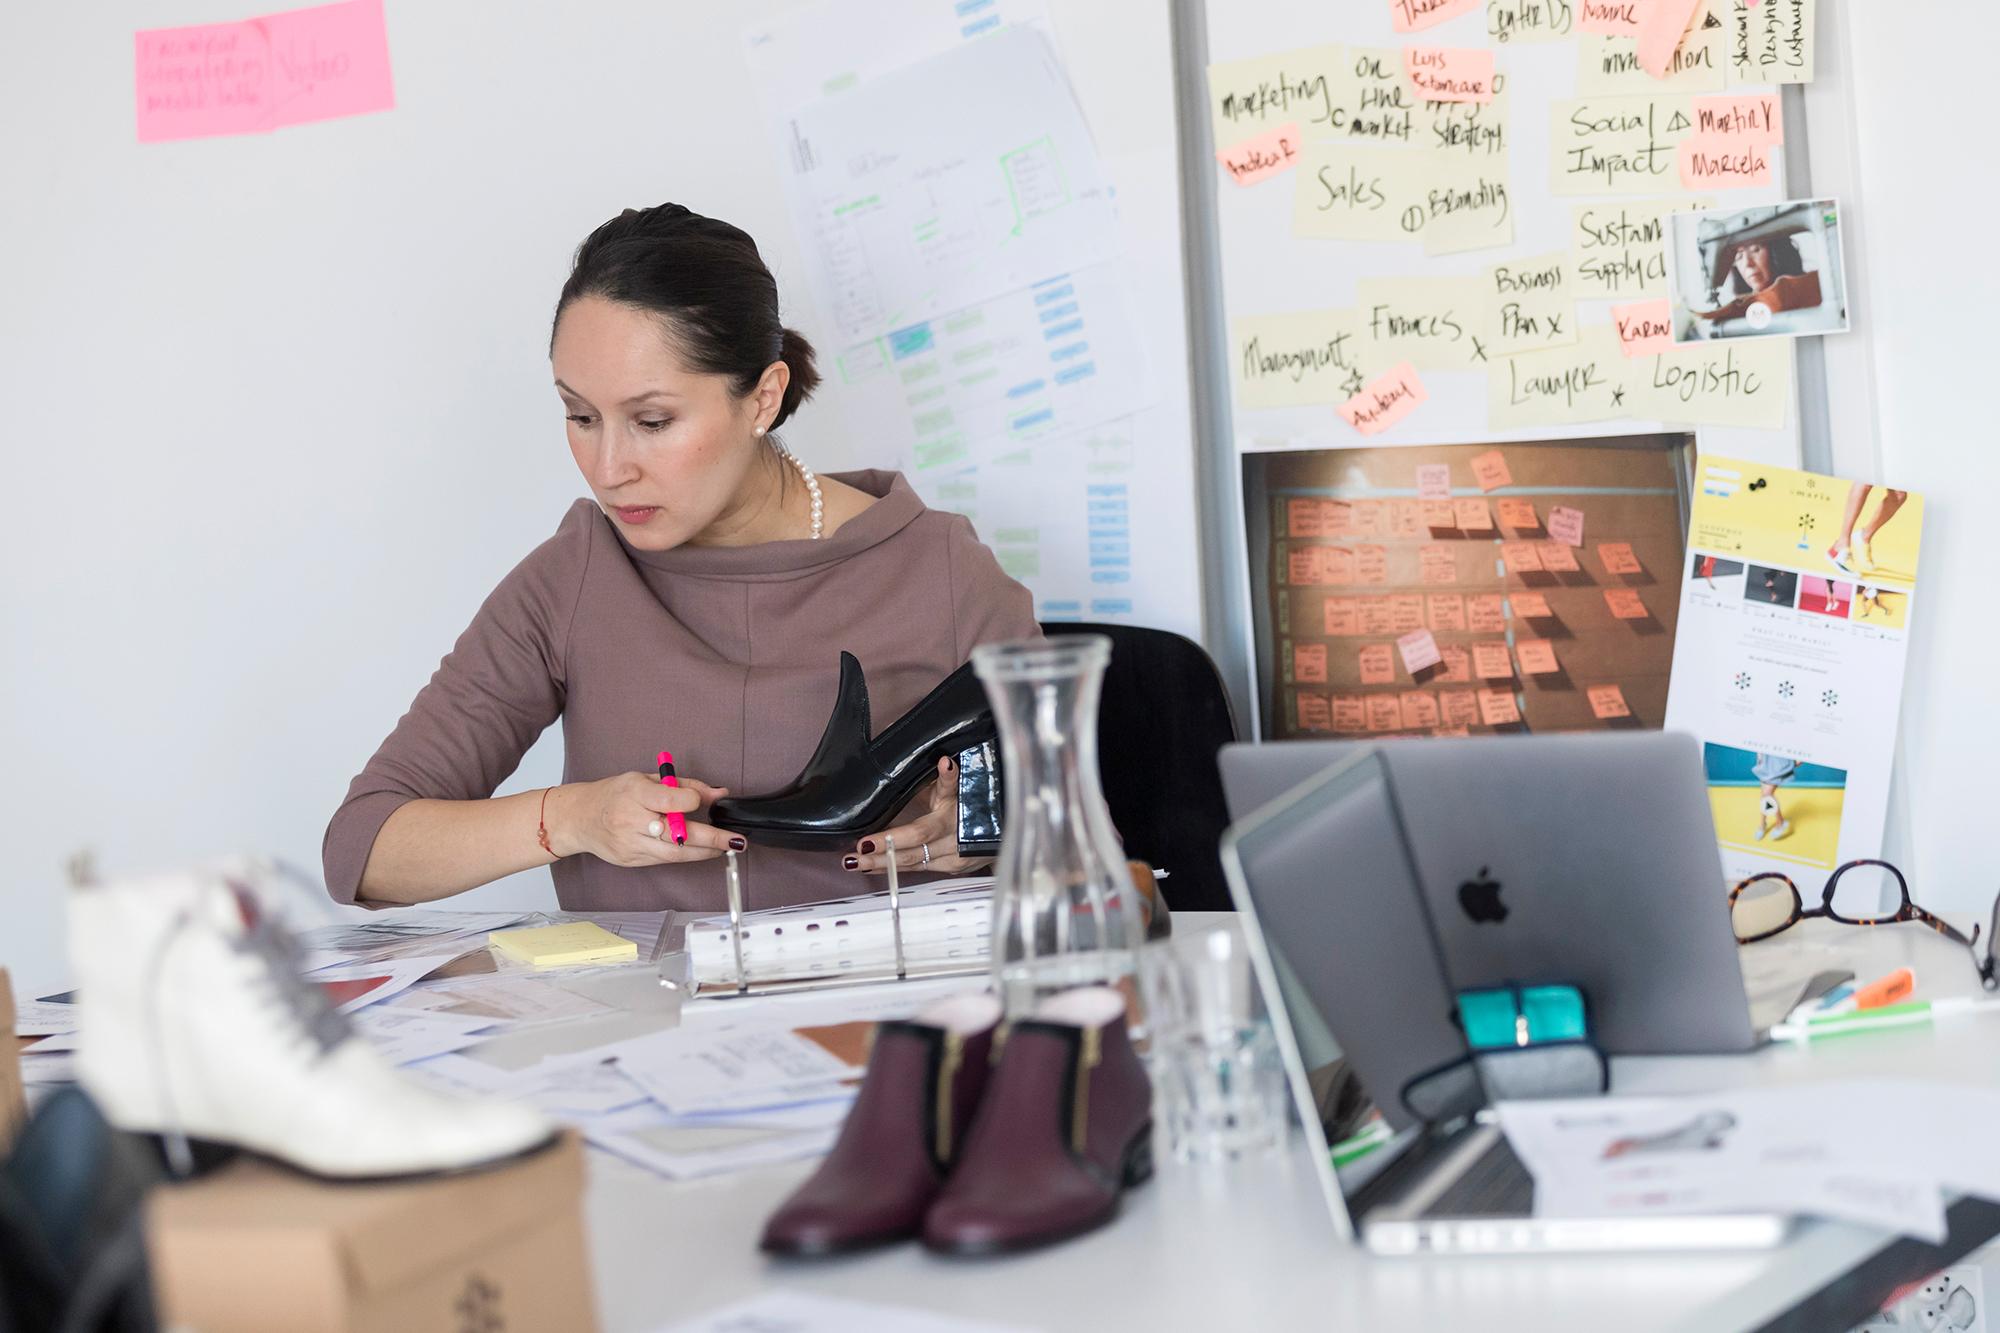 «By Maria»-Entwicklerin Catalina Jossen Cardozo: «Der Endkunde soll hochwertige Produkte erhalten.»